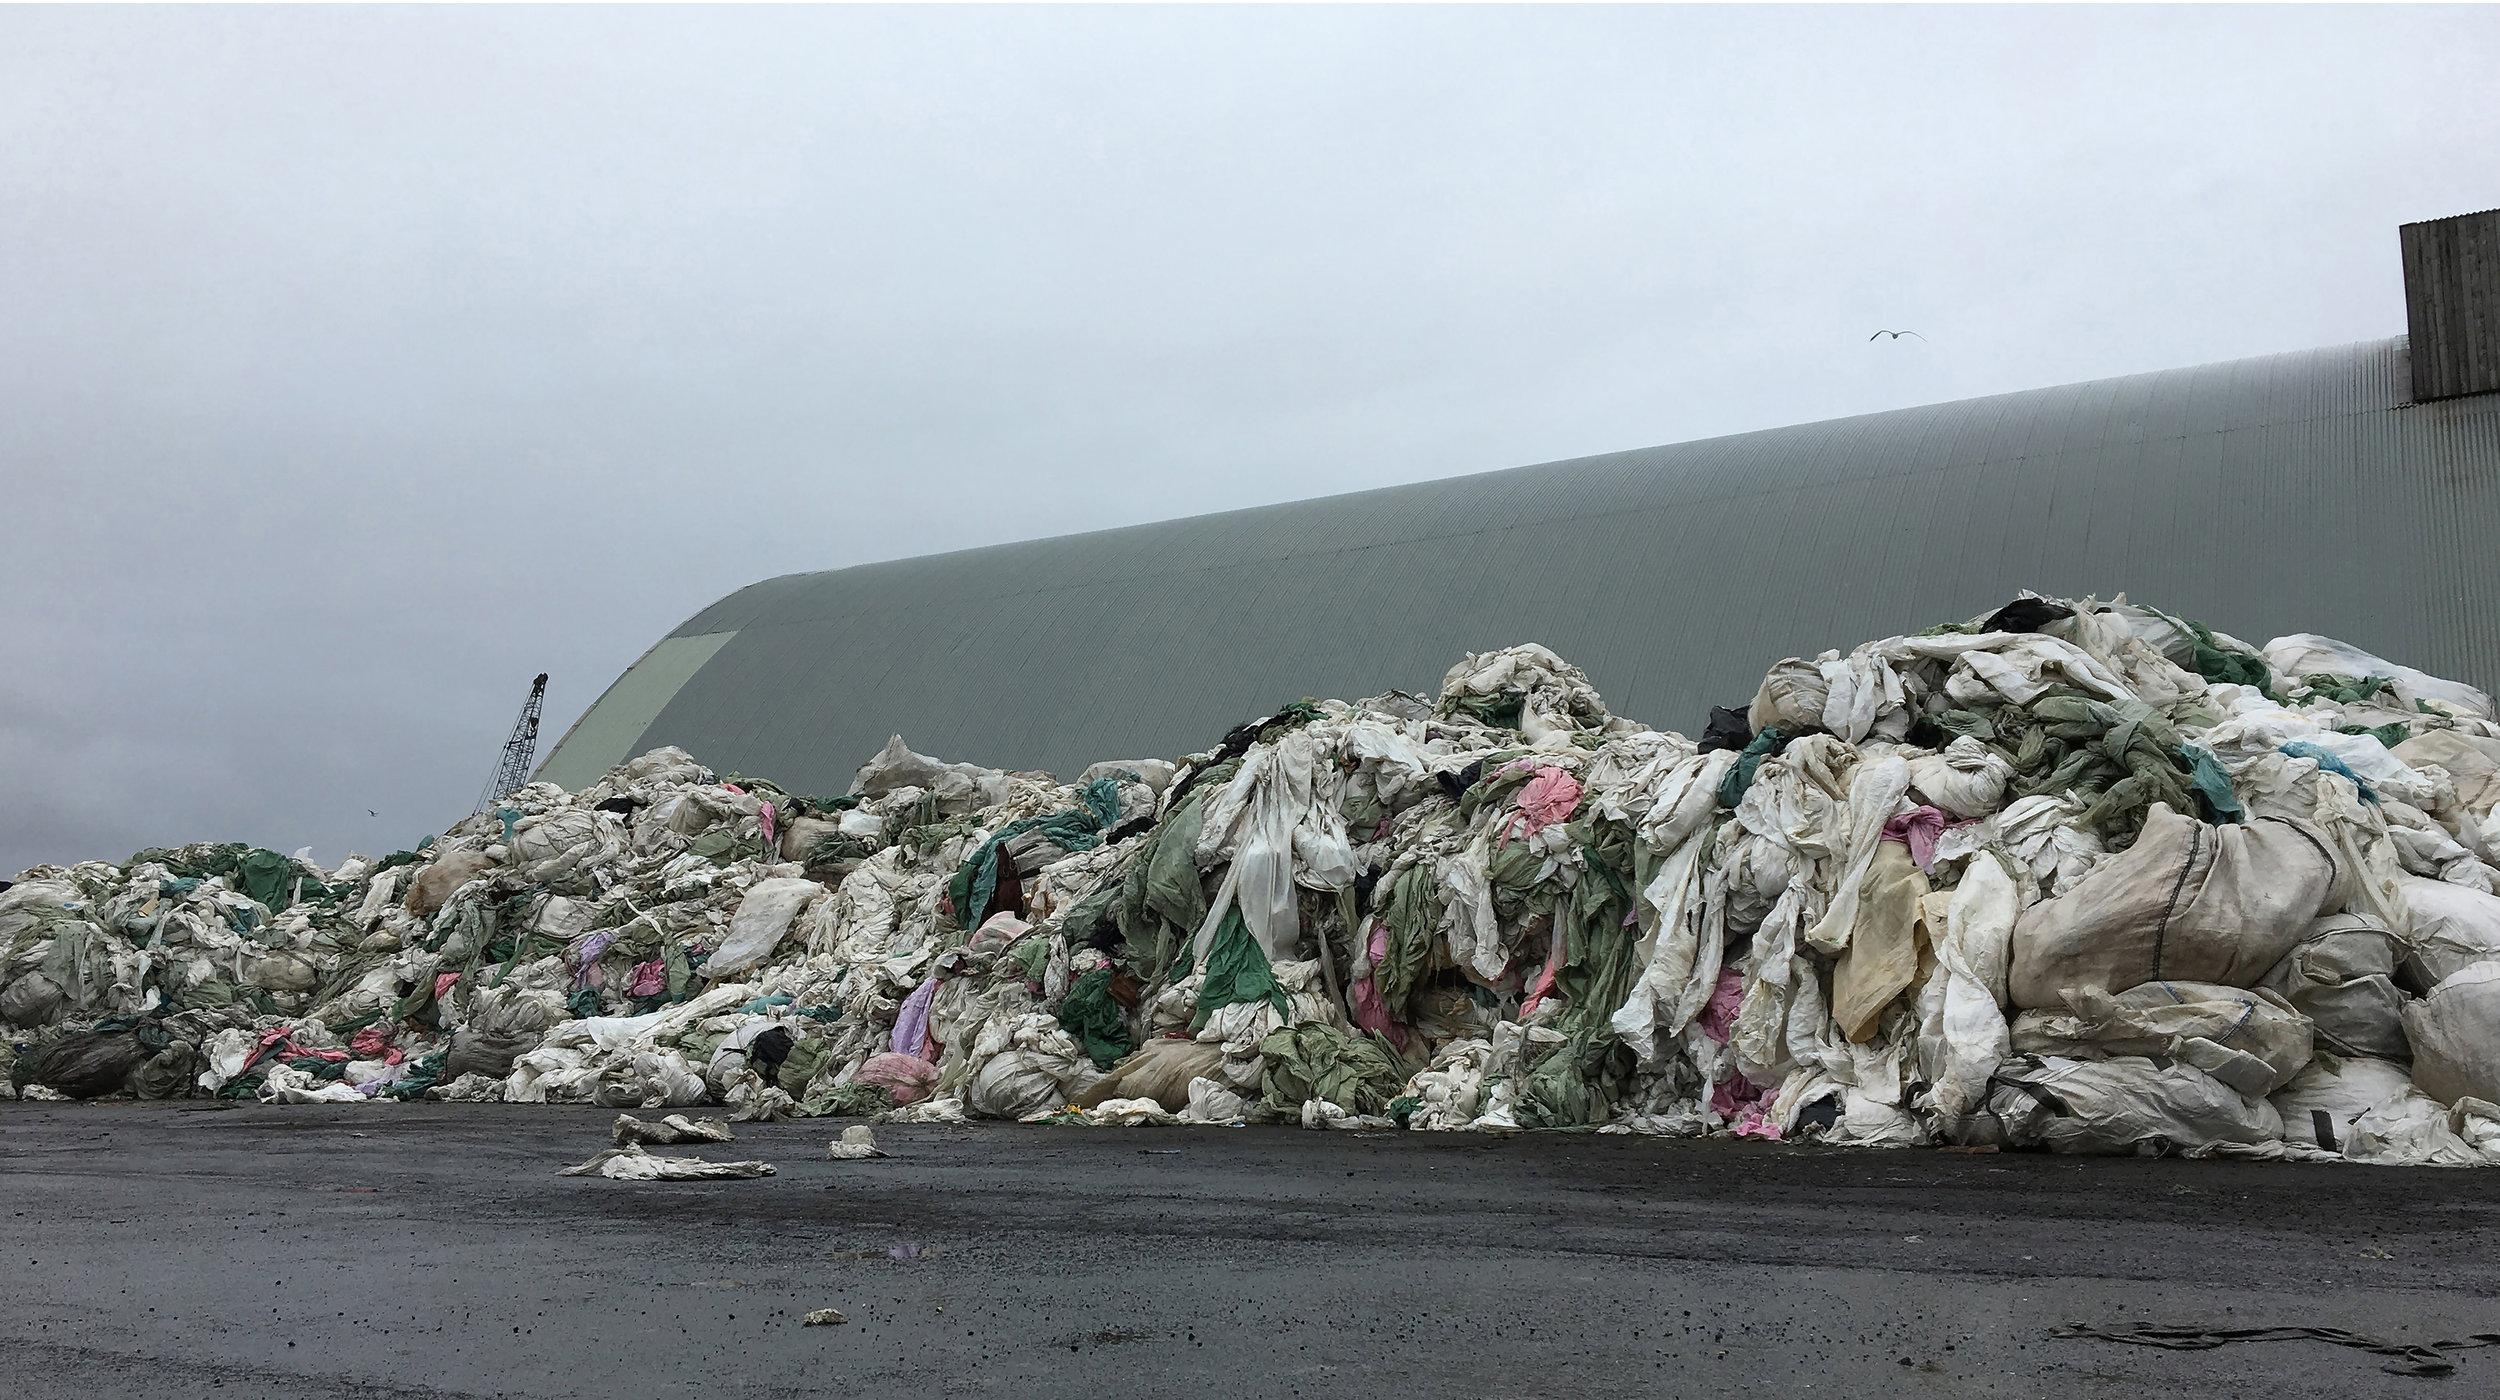 Plastfjall / Plastic Mountain, 2017